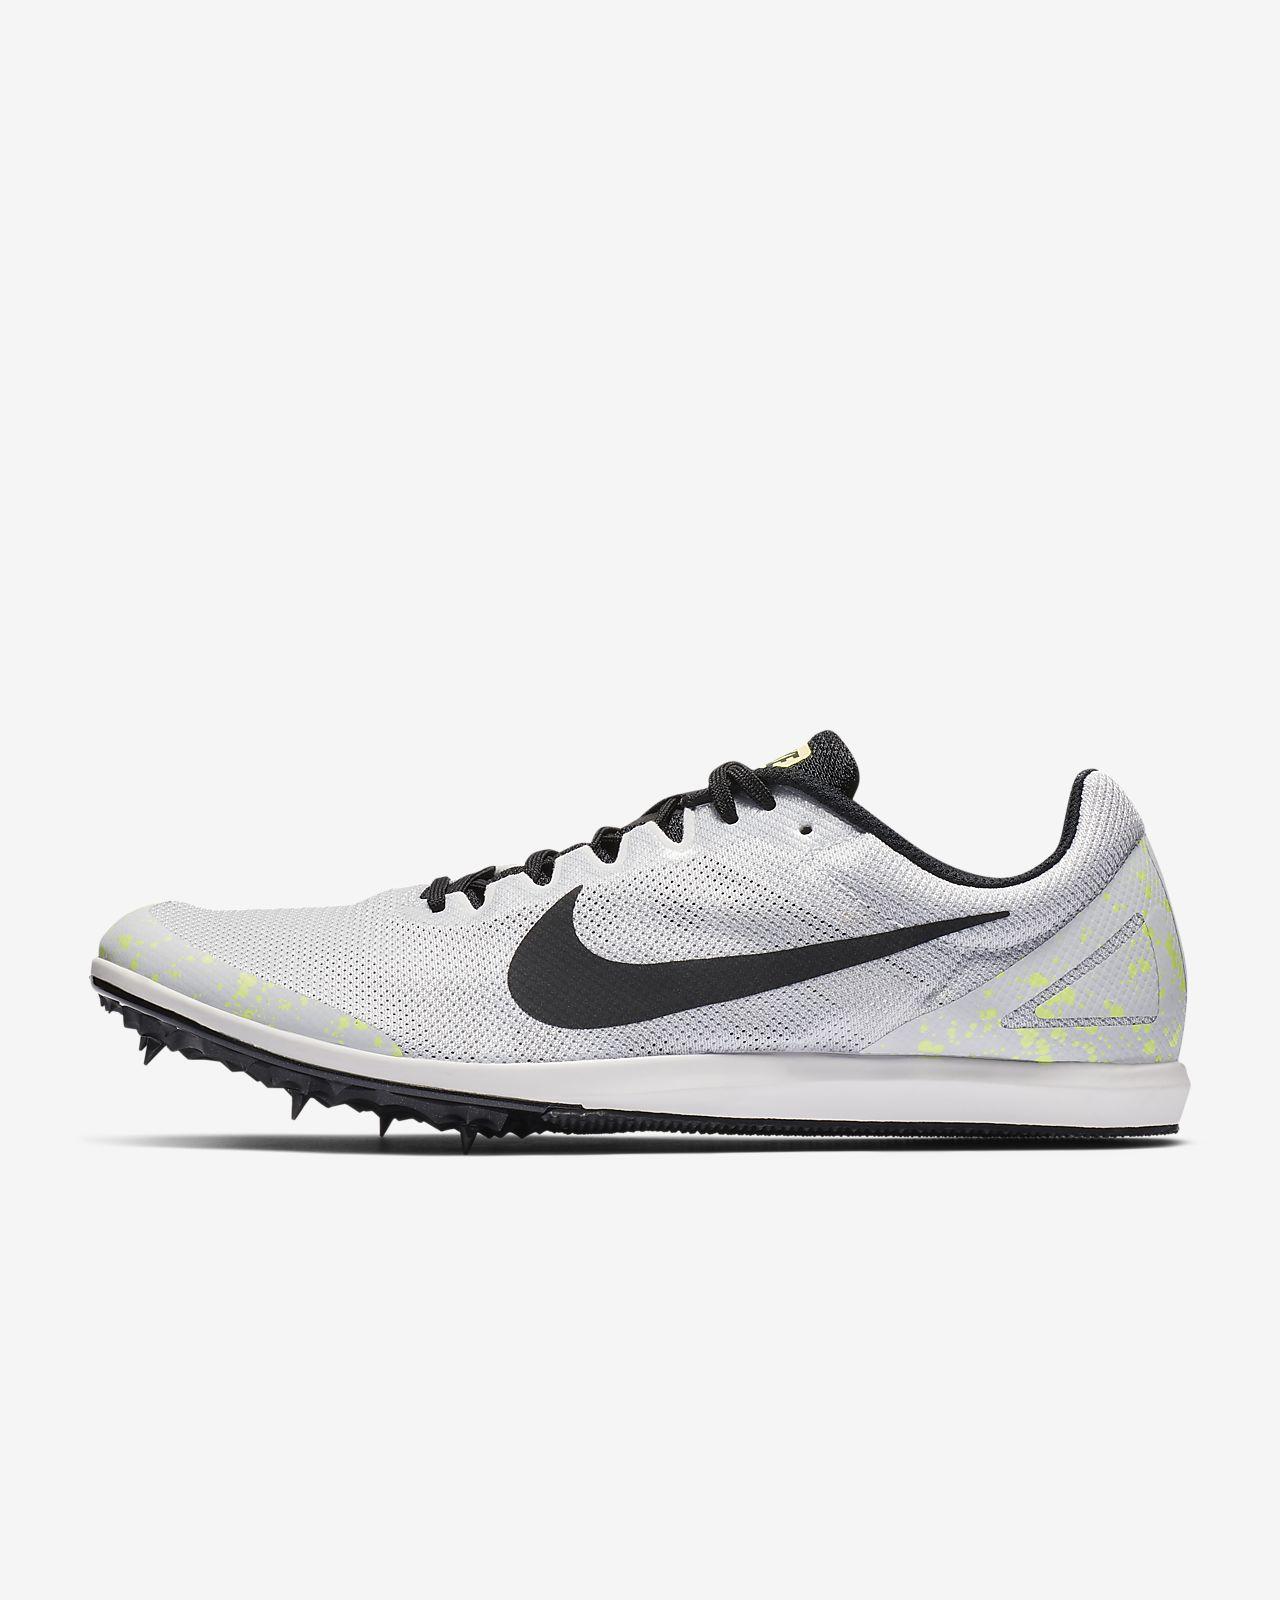 Calzado de atletismo con clavos unisex Nike Zoom Rival D 10